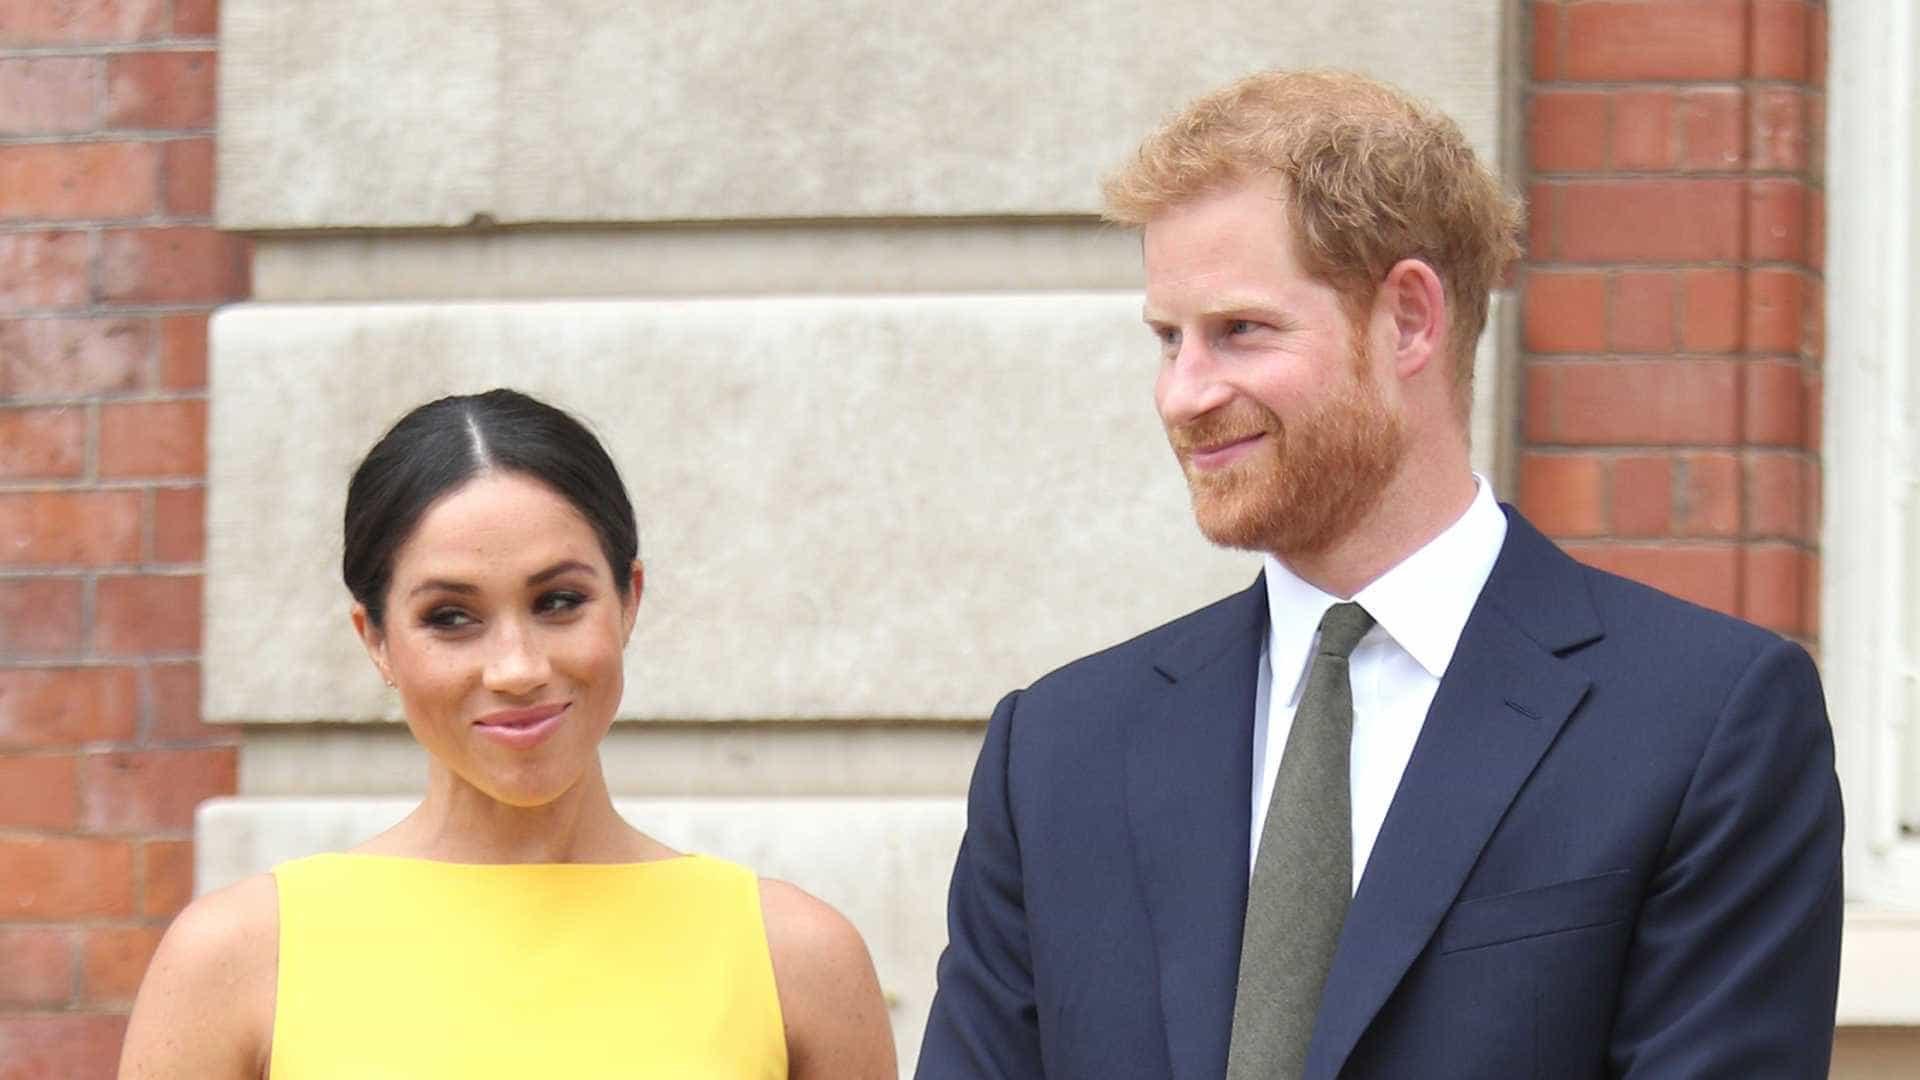 Príncipe Harry vai a casamento com a sola do sapato furada